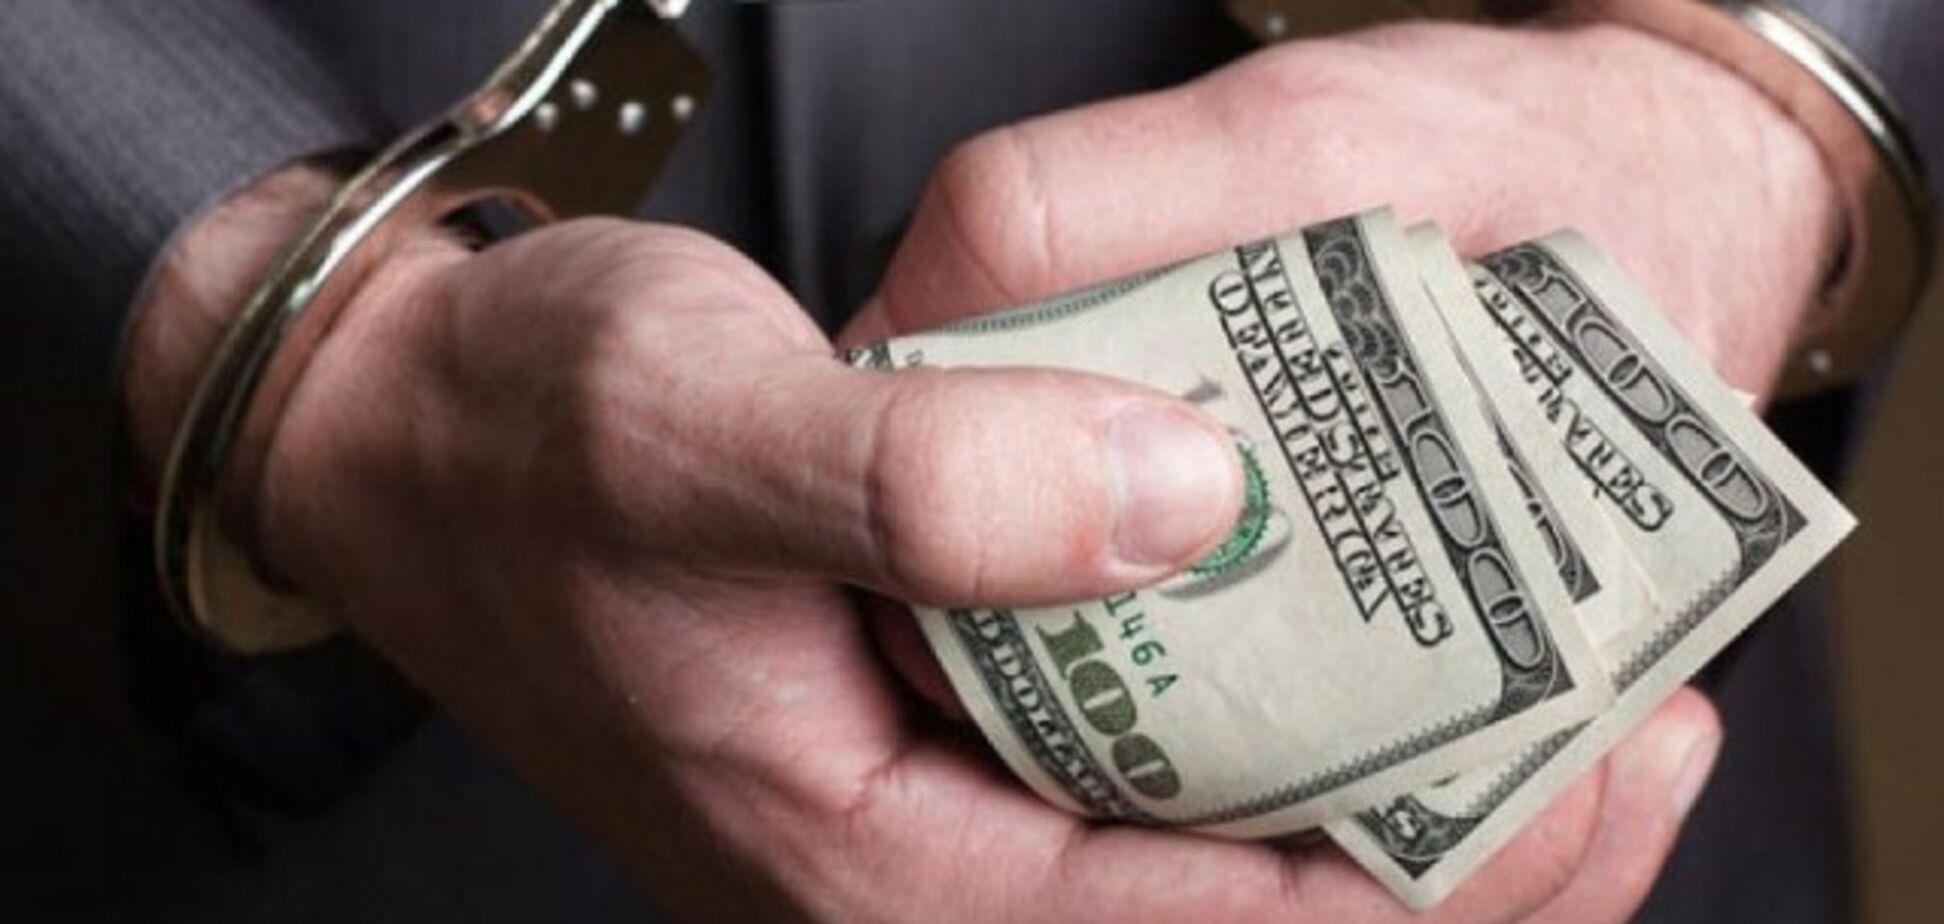 Керівники Держгеокадастру попалися на хабарі в $200 тисяч